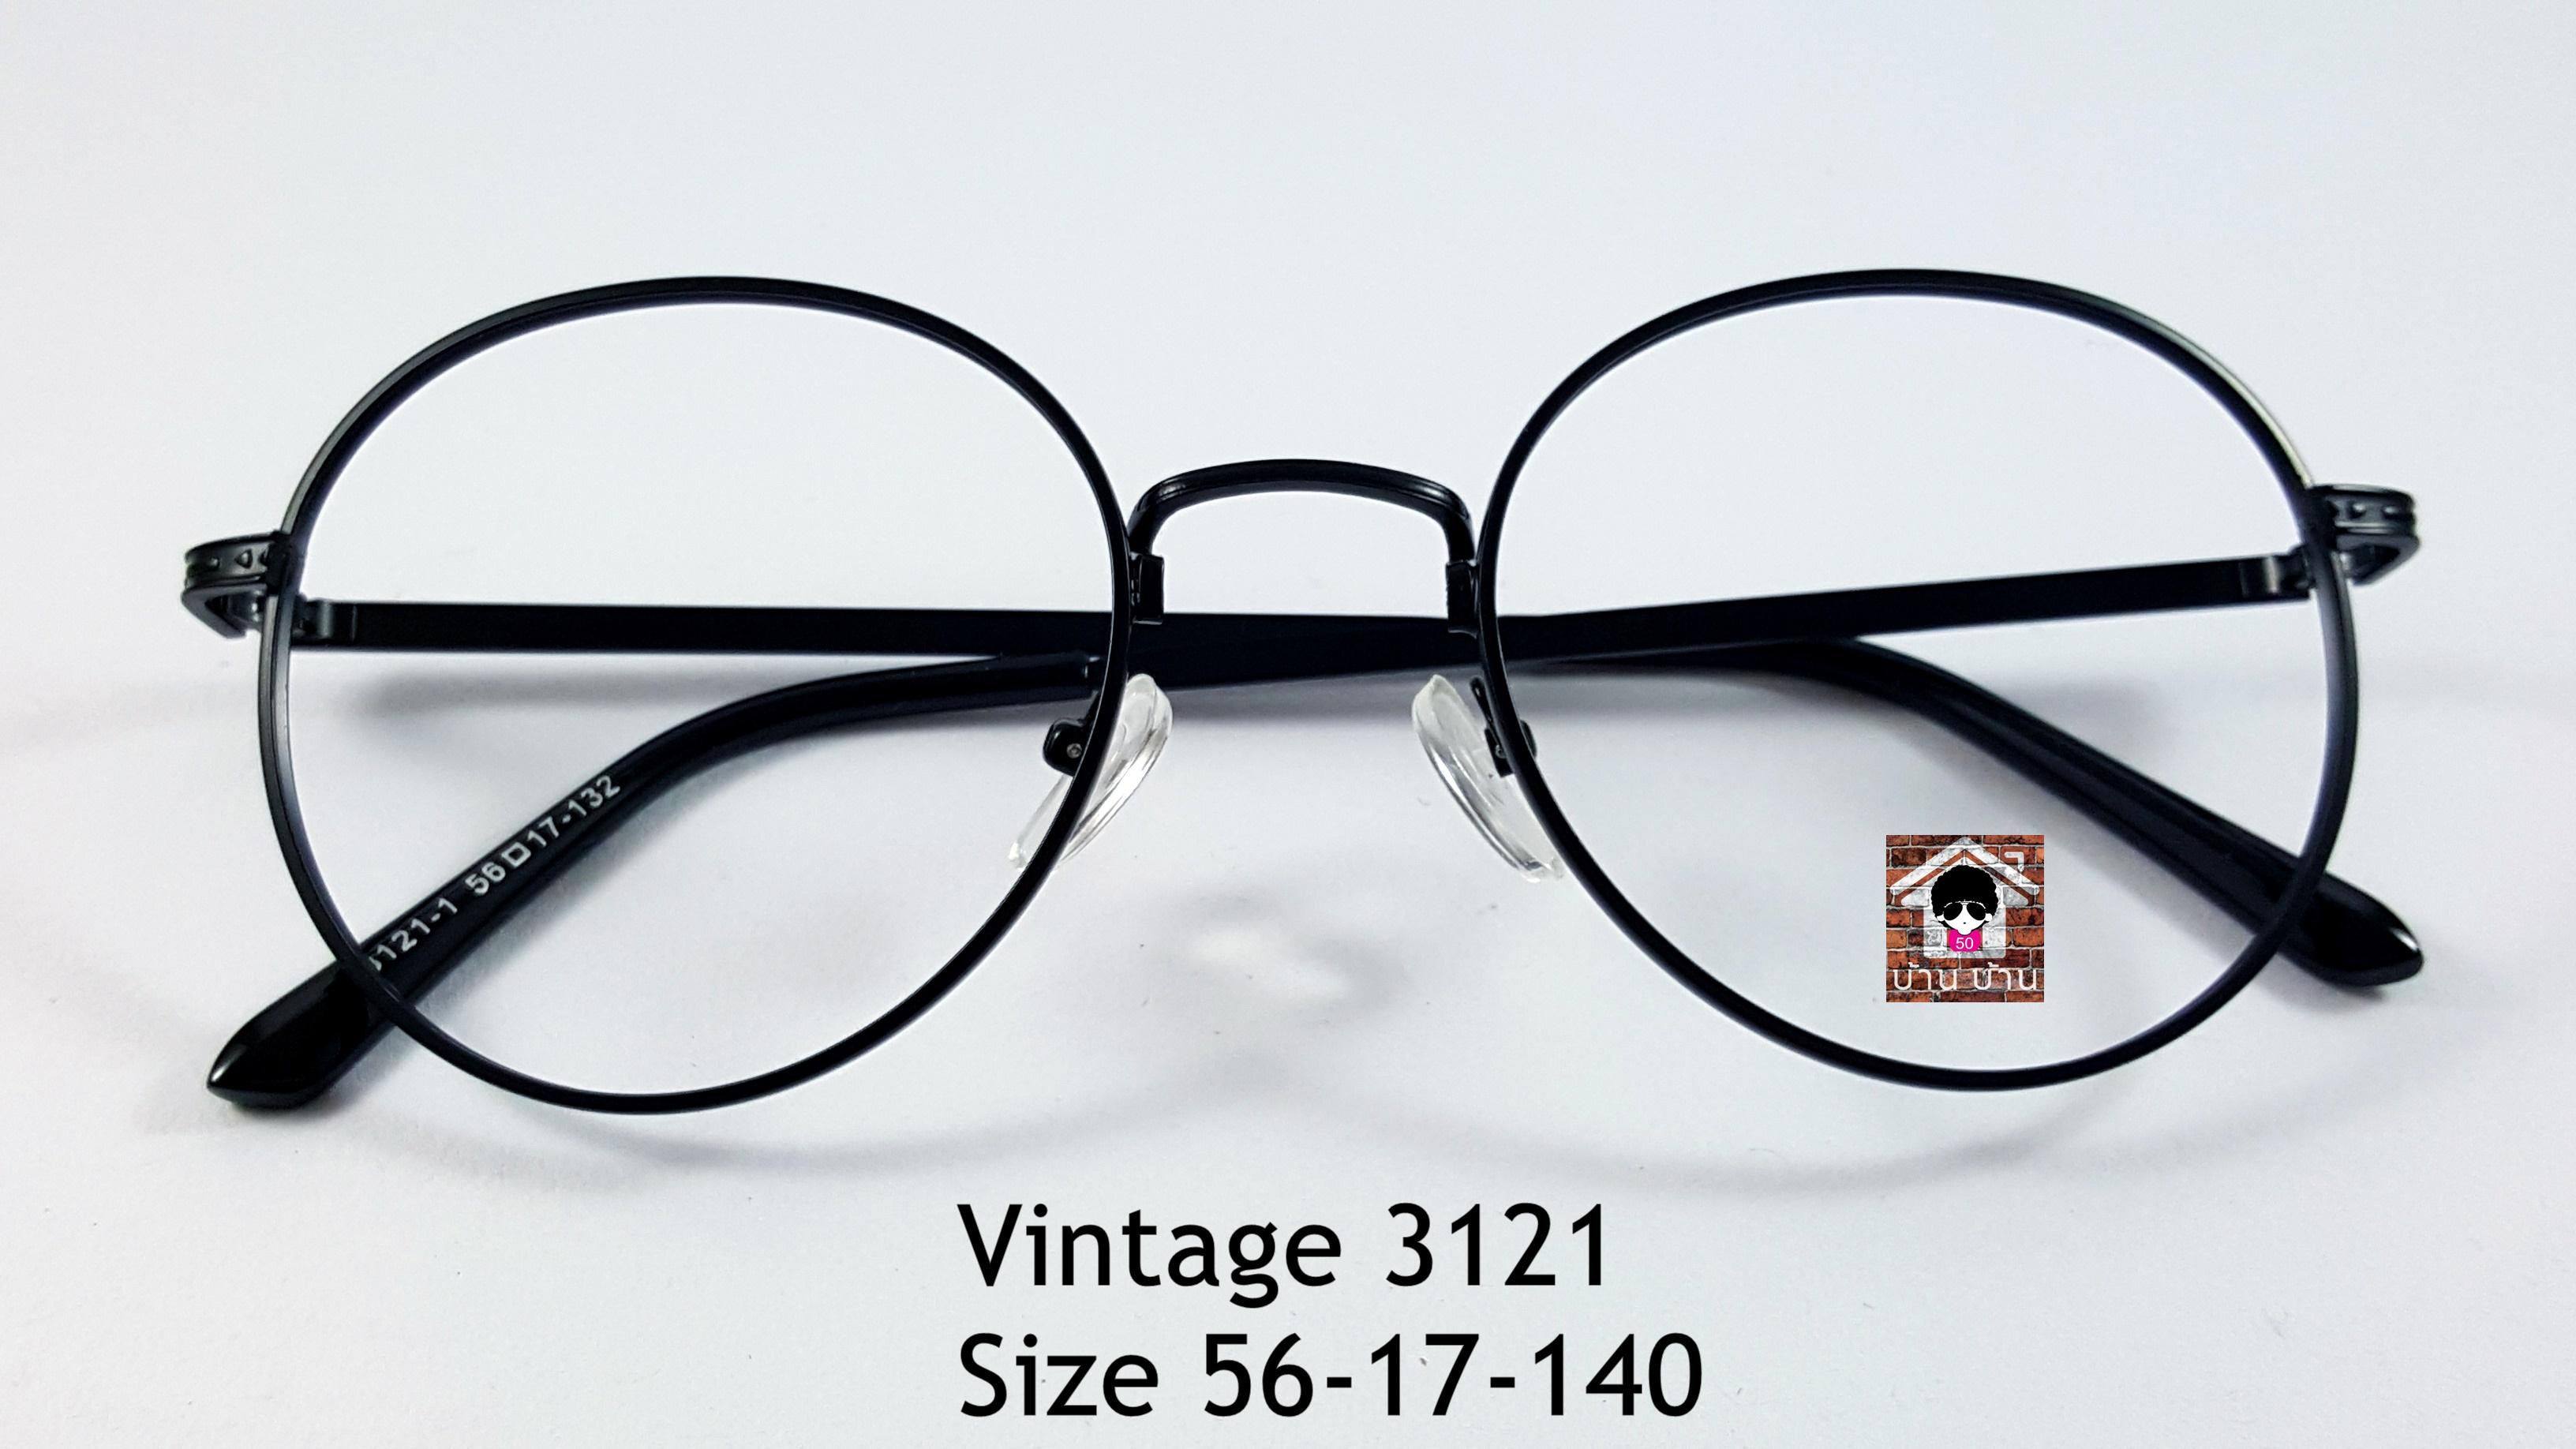 Vintage 3121 โปรโมชั่น กรอบแว่นตาพร้อมเลนส์ HOYA ราคา 790 บาท